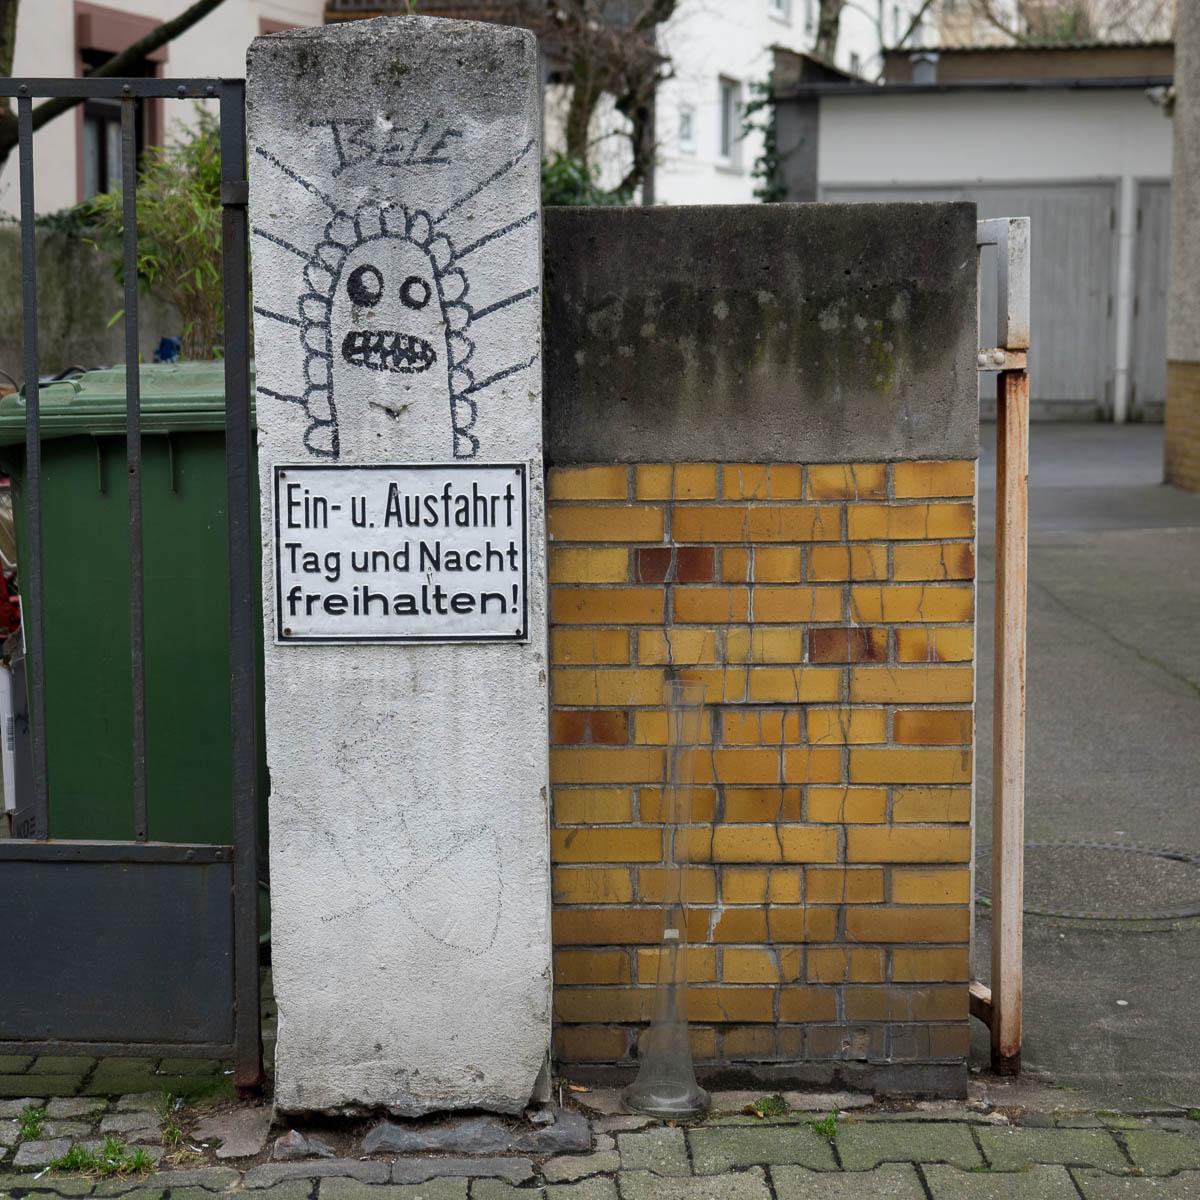 Frankfurt Stadtspaziergang